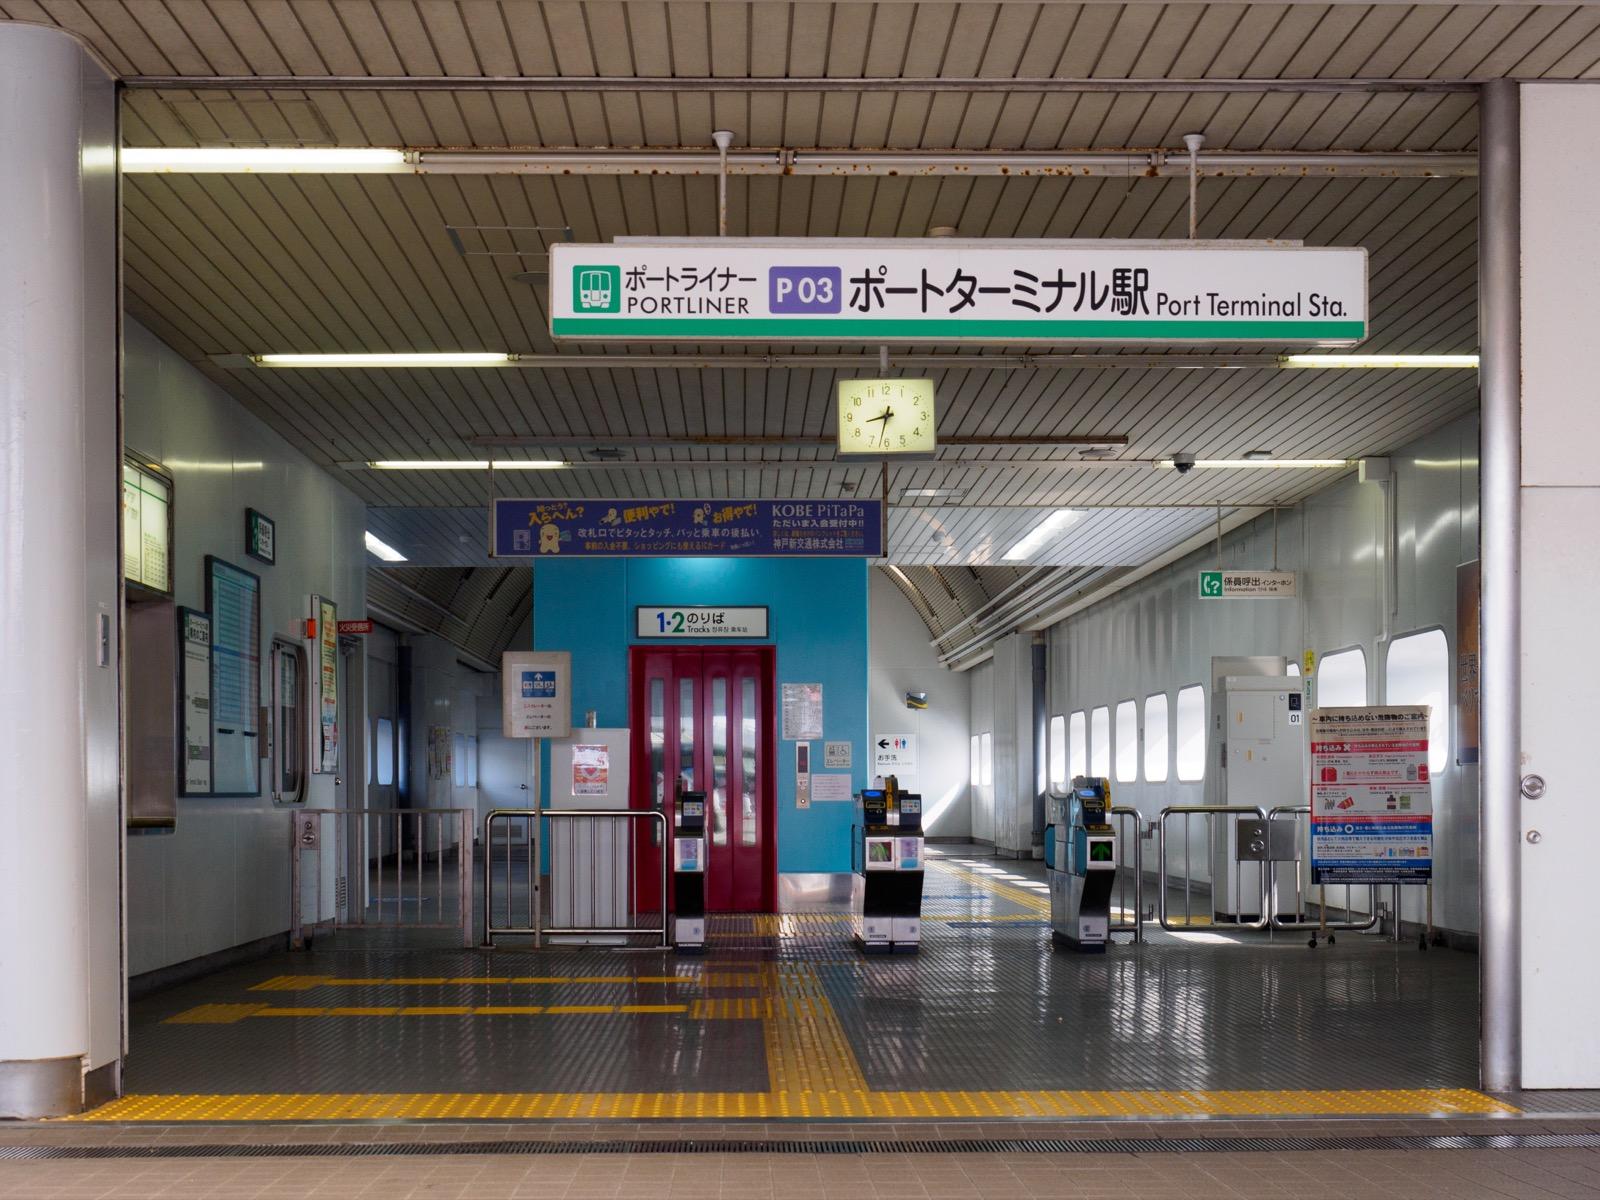 ポートターミナル駅の改札口